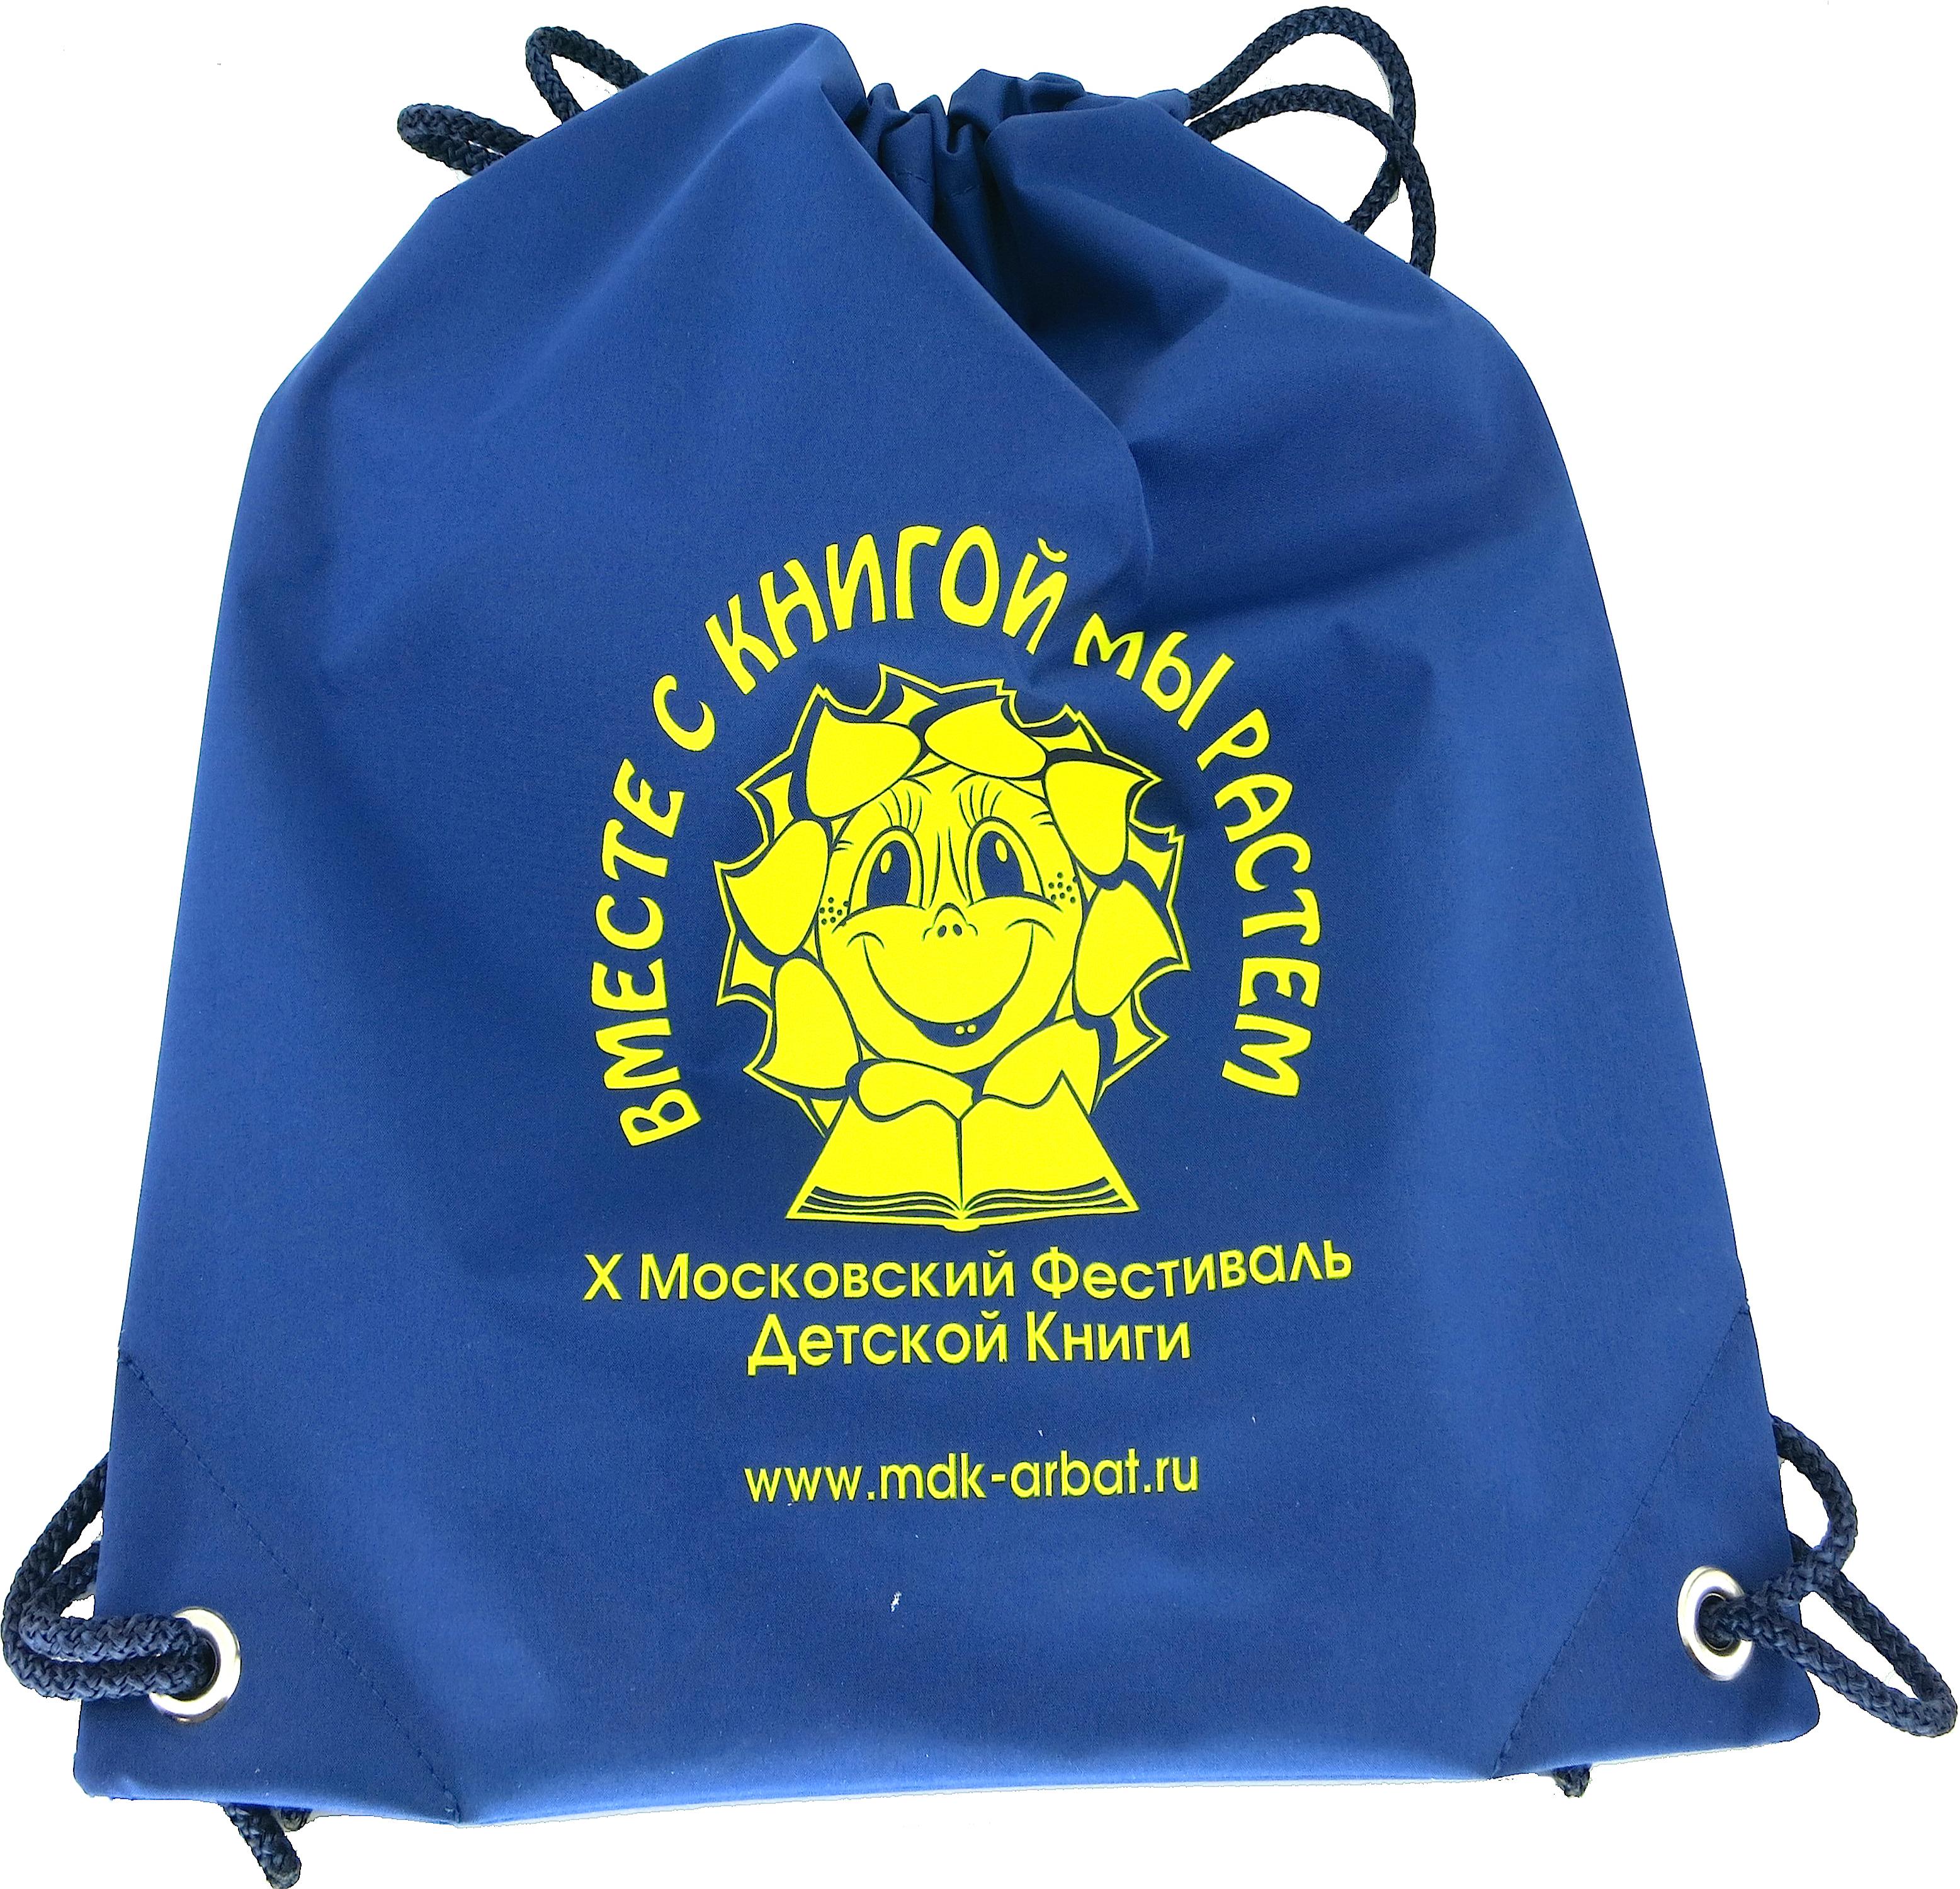 Арт. 88-009 рюкзак мешок